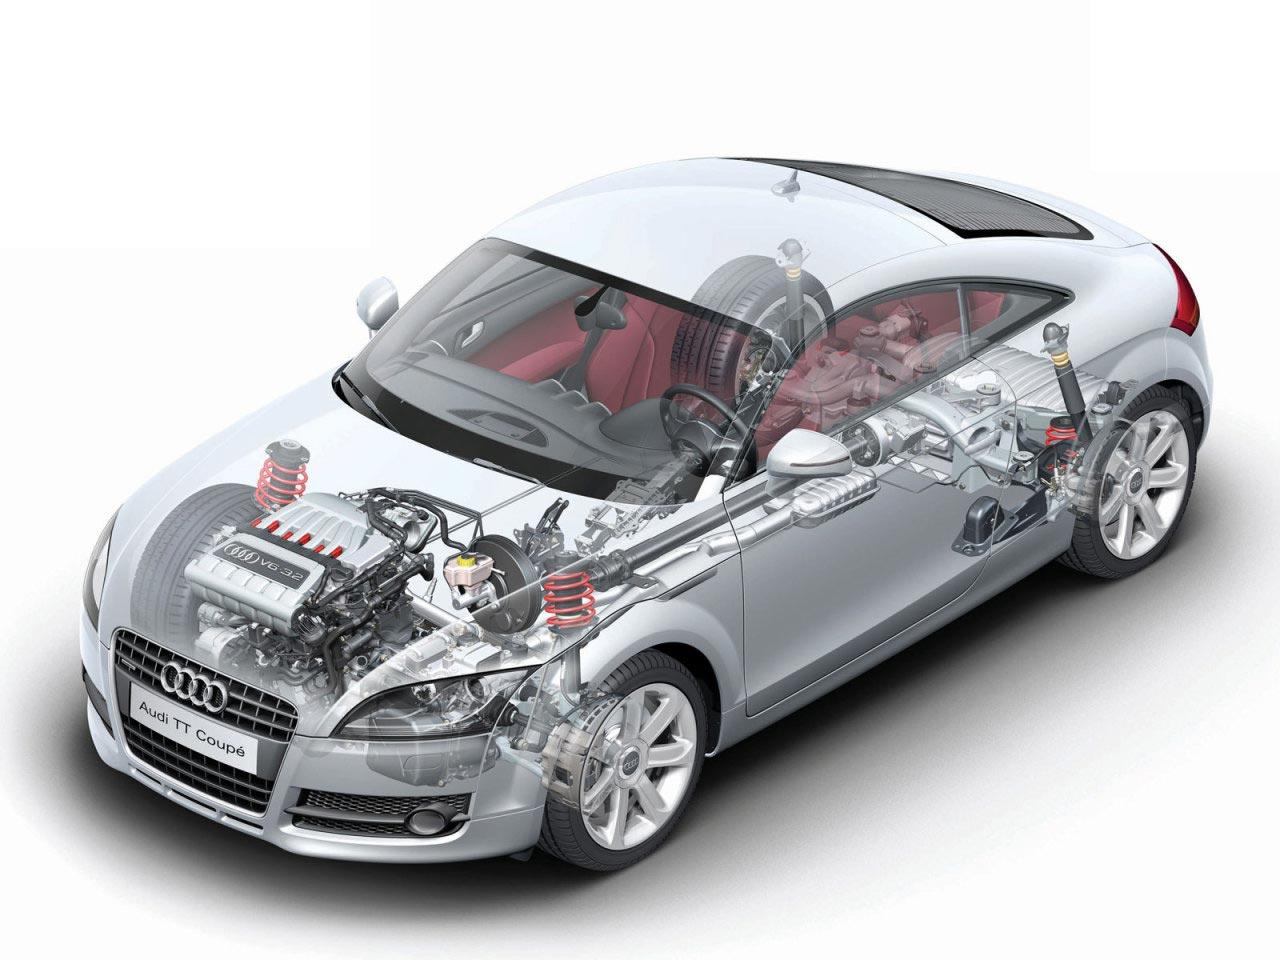 Audi TT cutaway